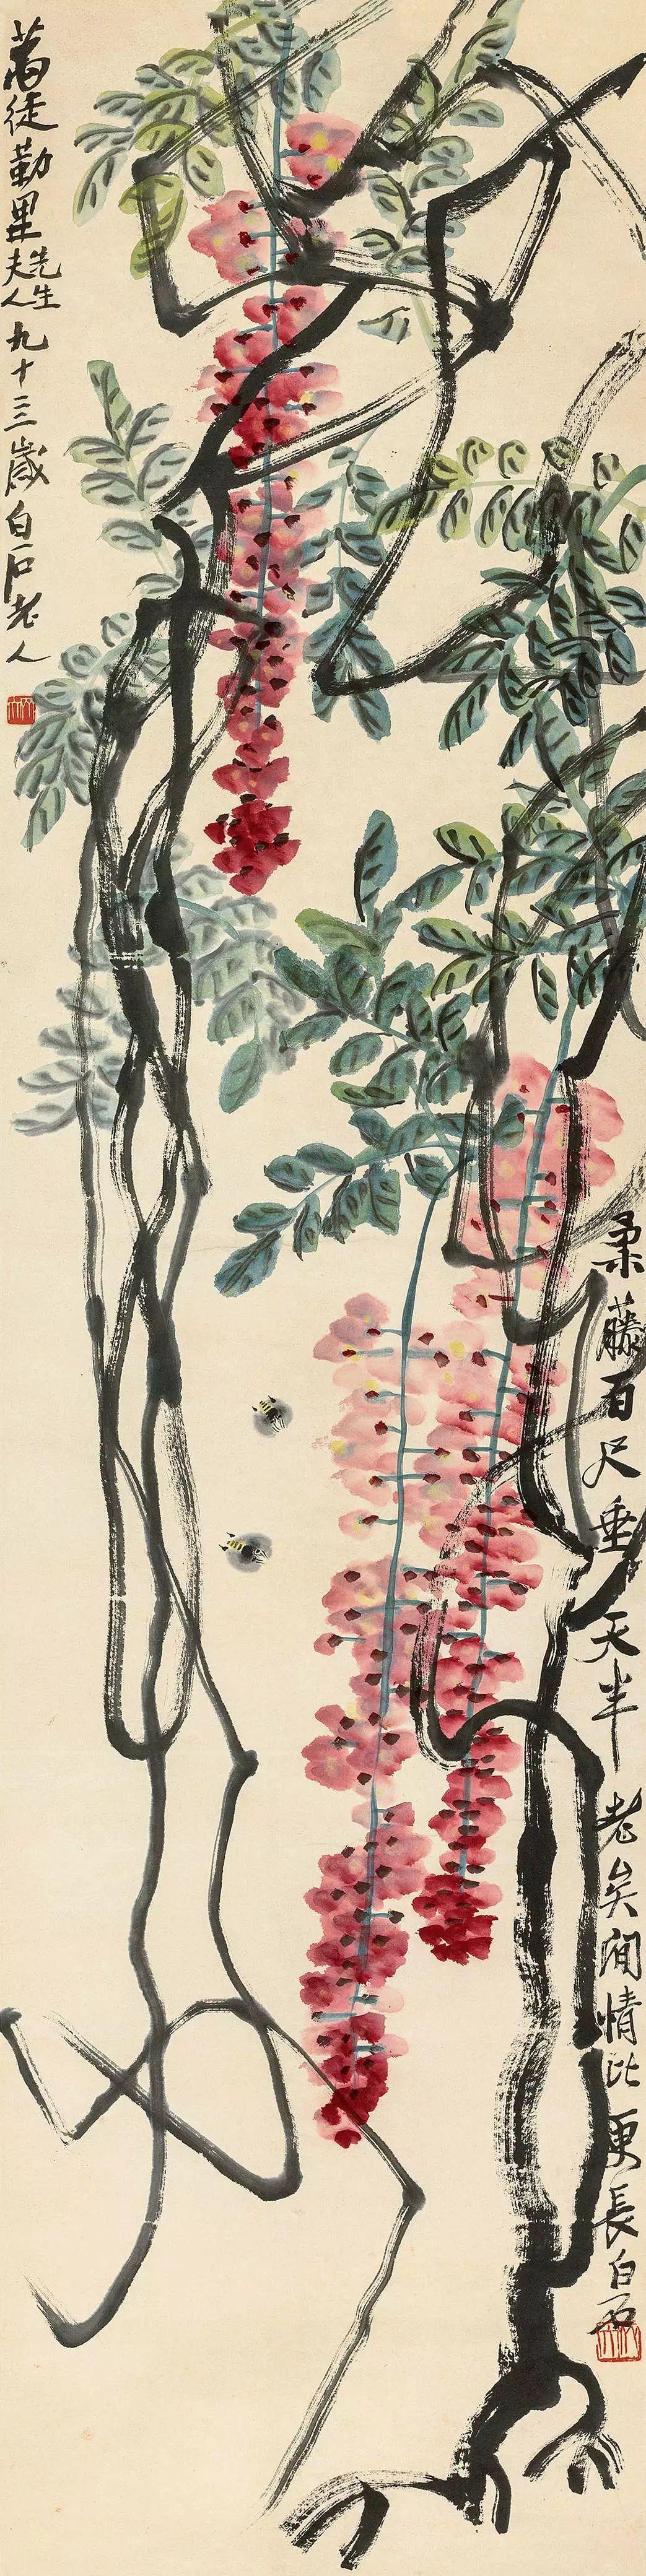 1.4375亿元!吴冠中《狮子林》创其中国画最高价纪录!插图22